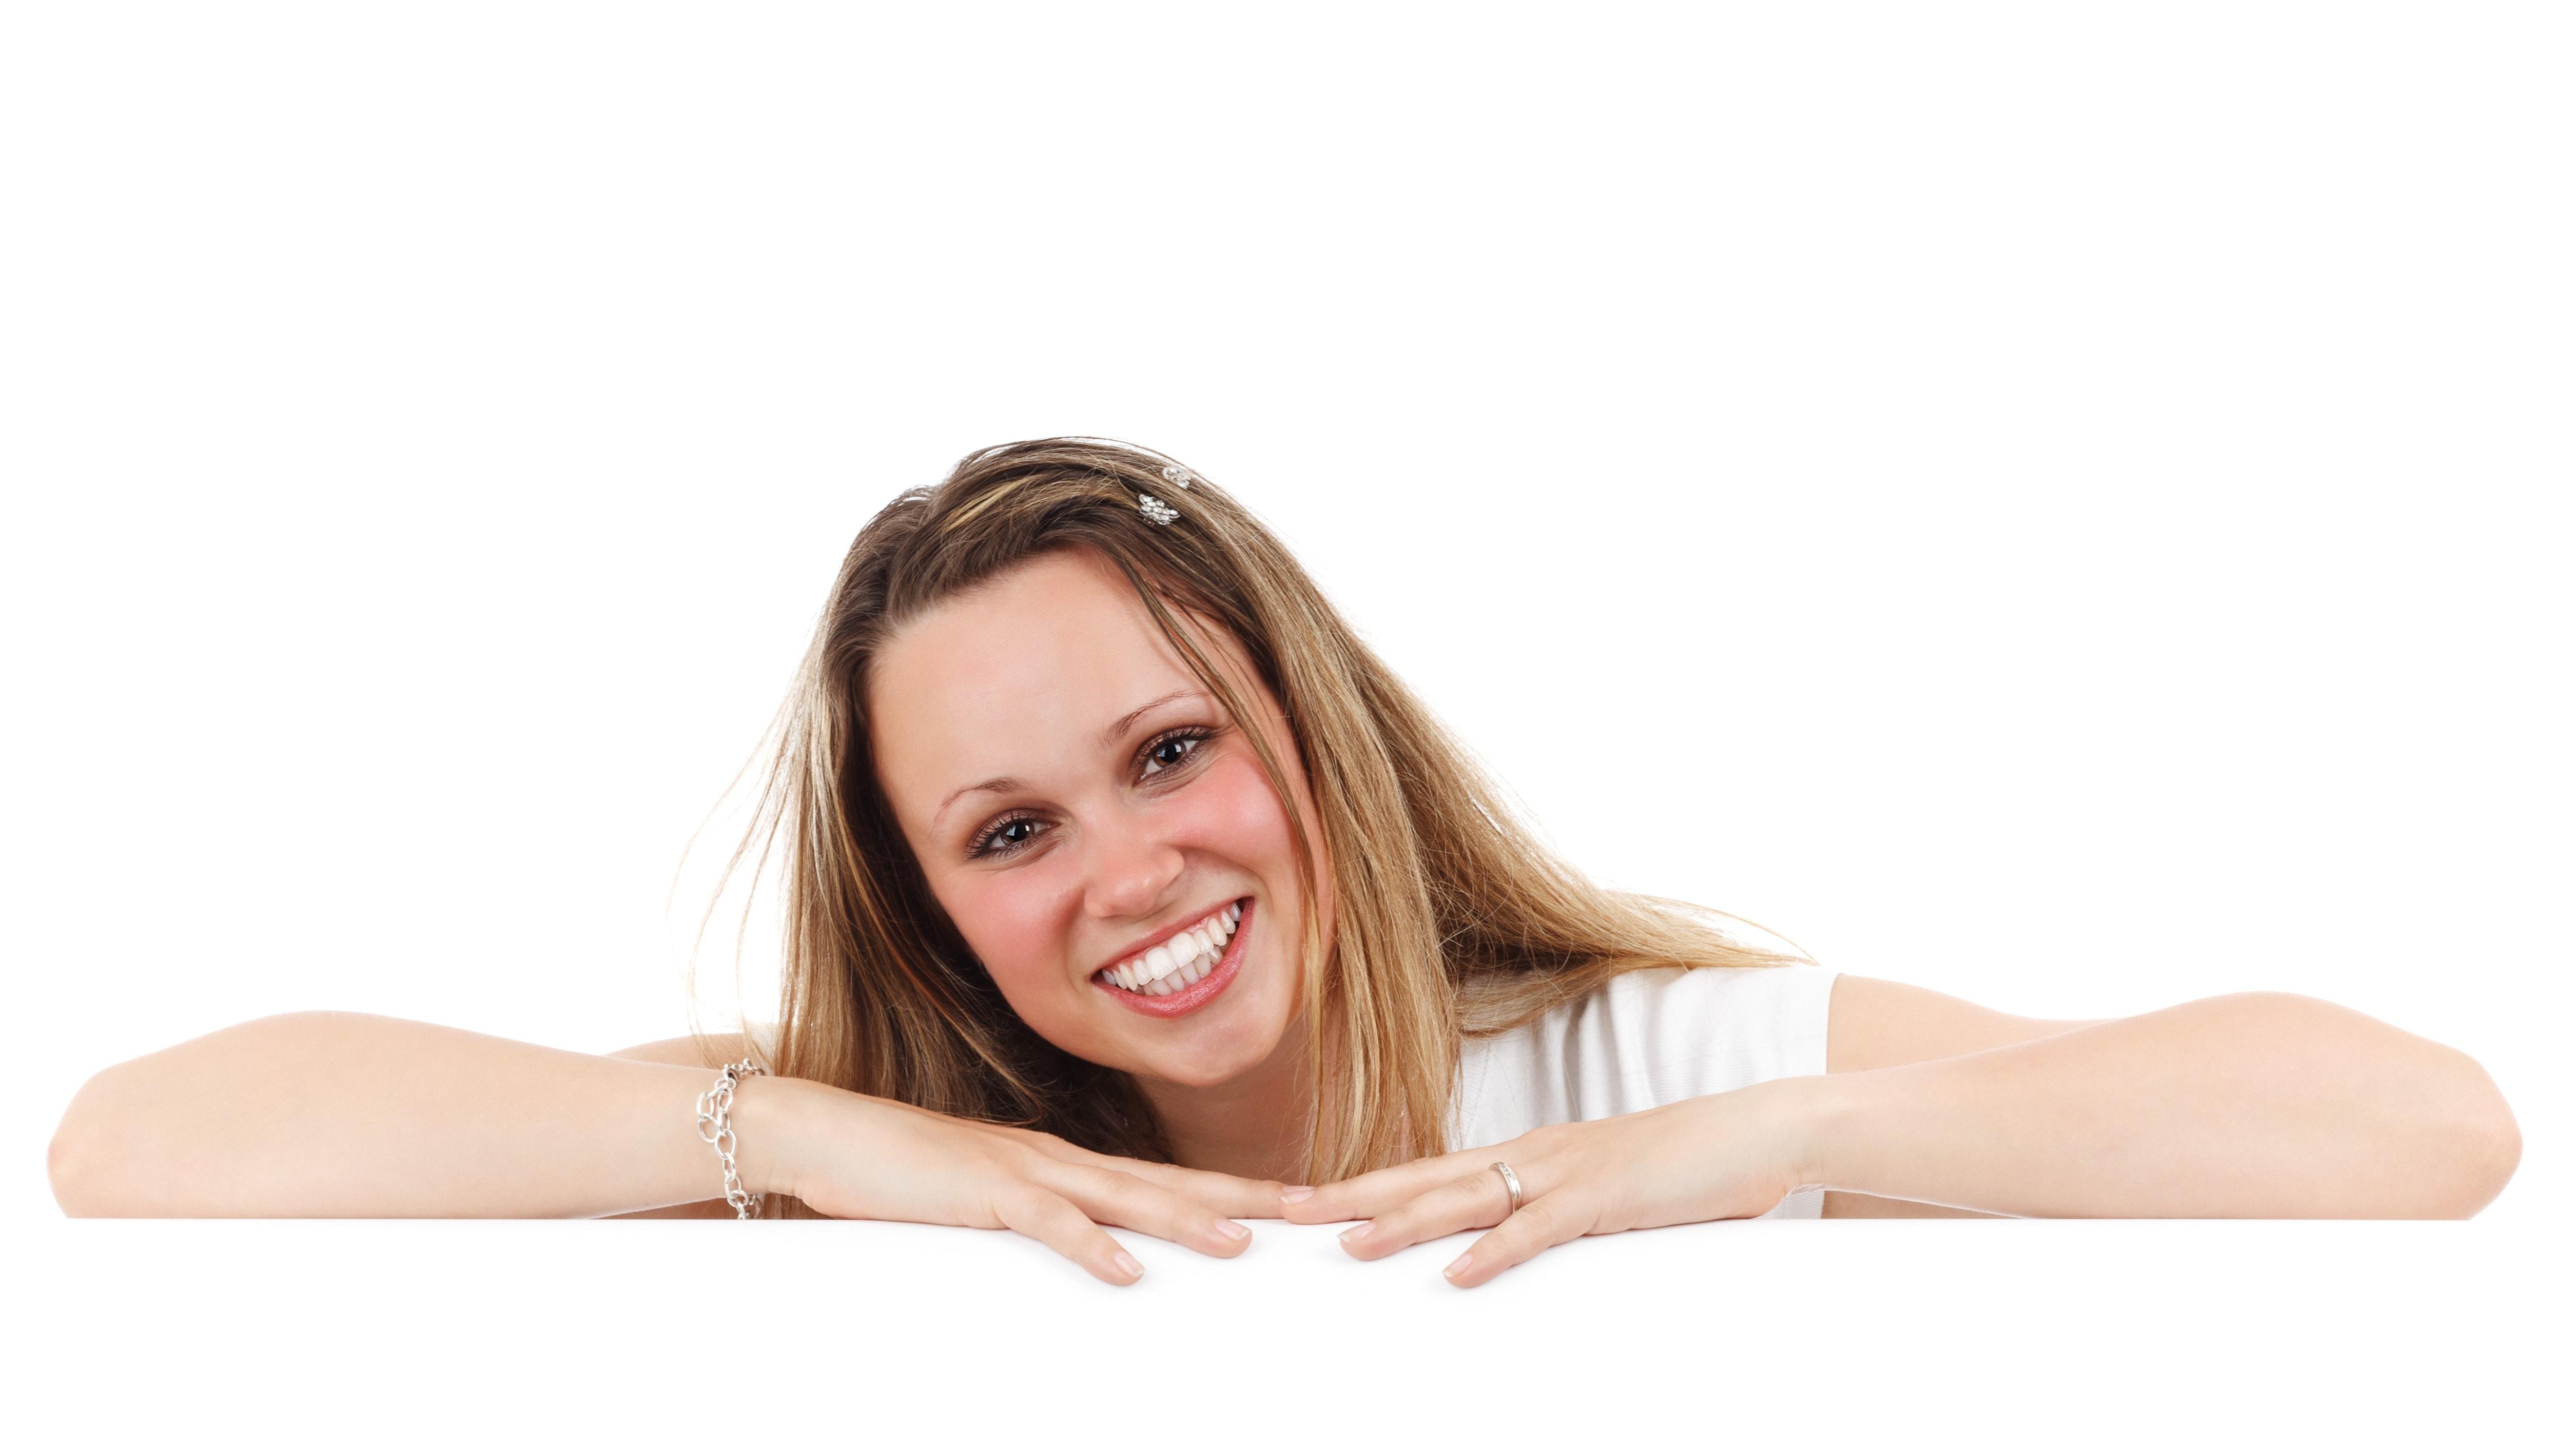 Blanqueamiento dental: ¿vale la pena?